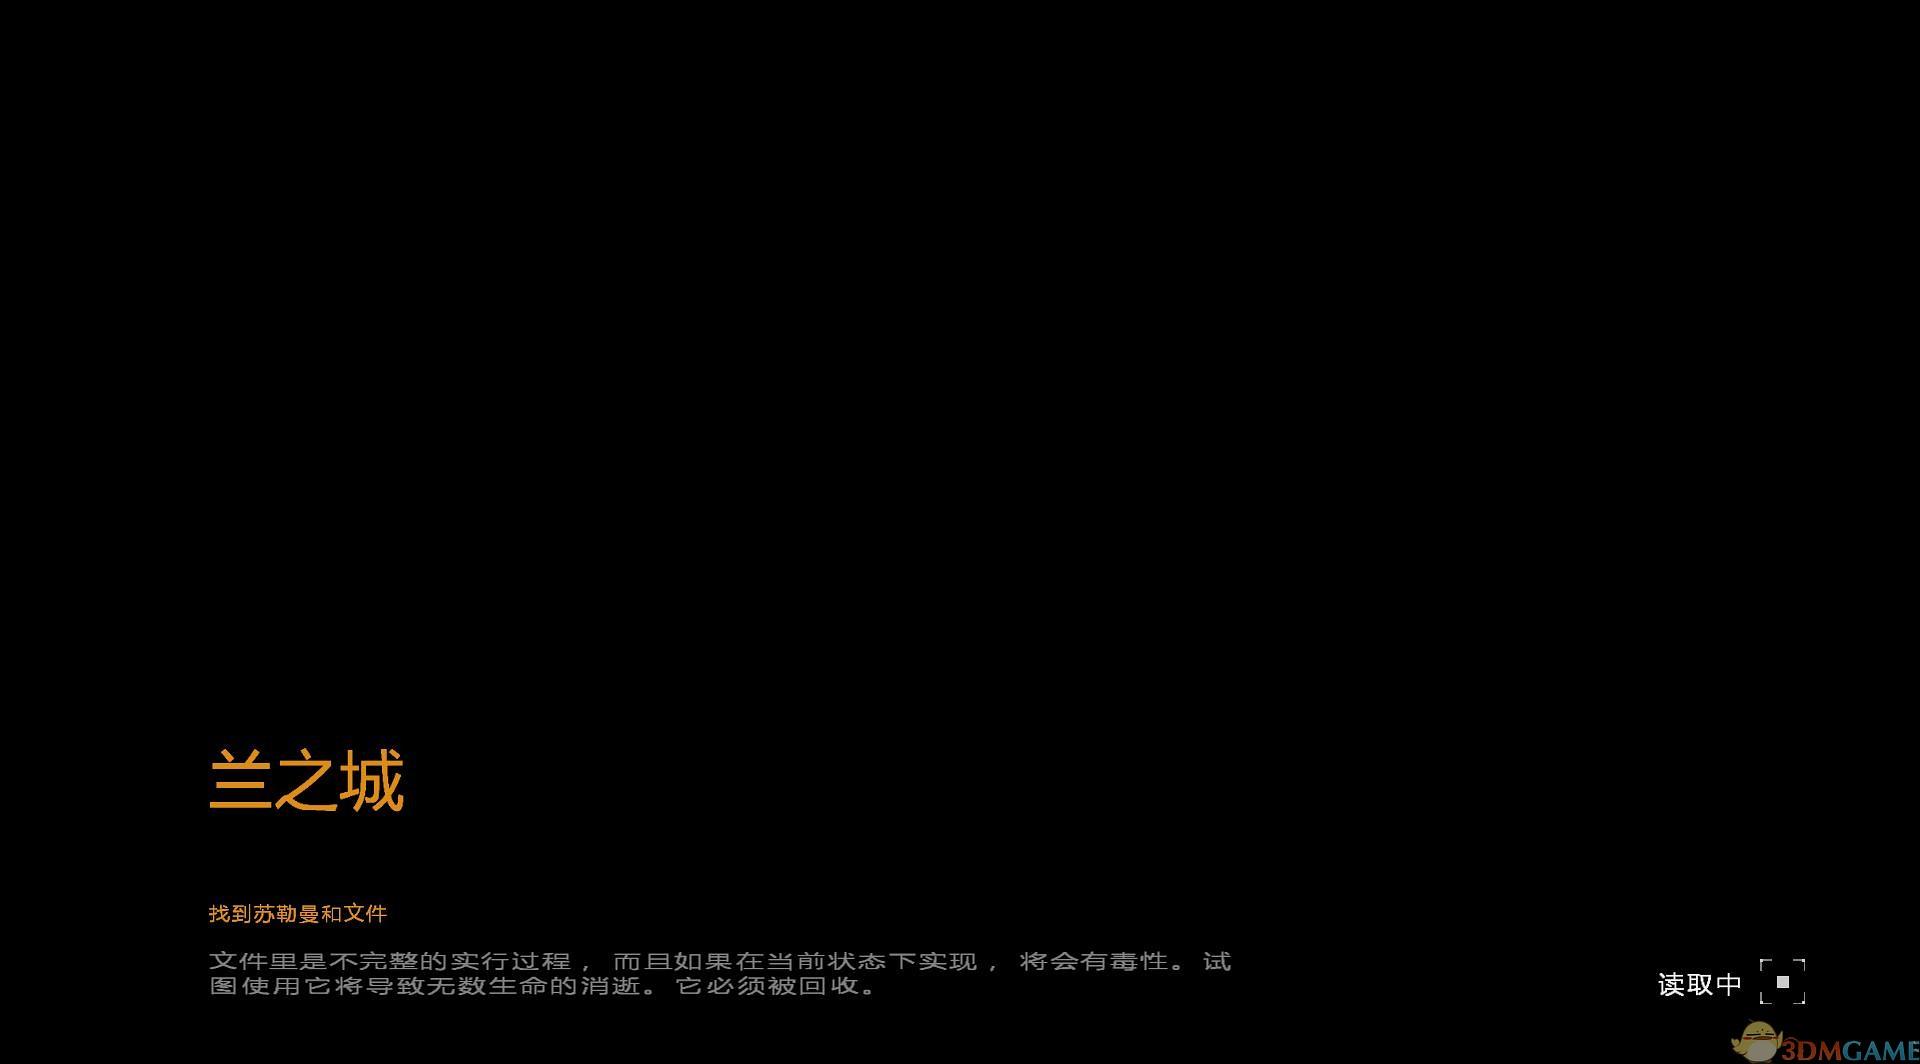 胜博发官网_999胜博发娱乐_sbf胜博发备用网址_消逝的光芒 7号升级档+DLC+破解补丁[3DM]